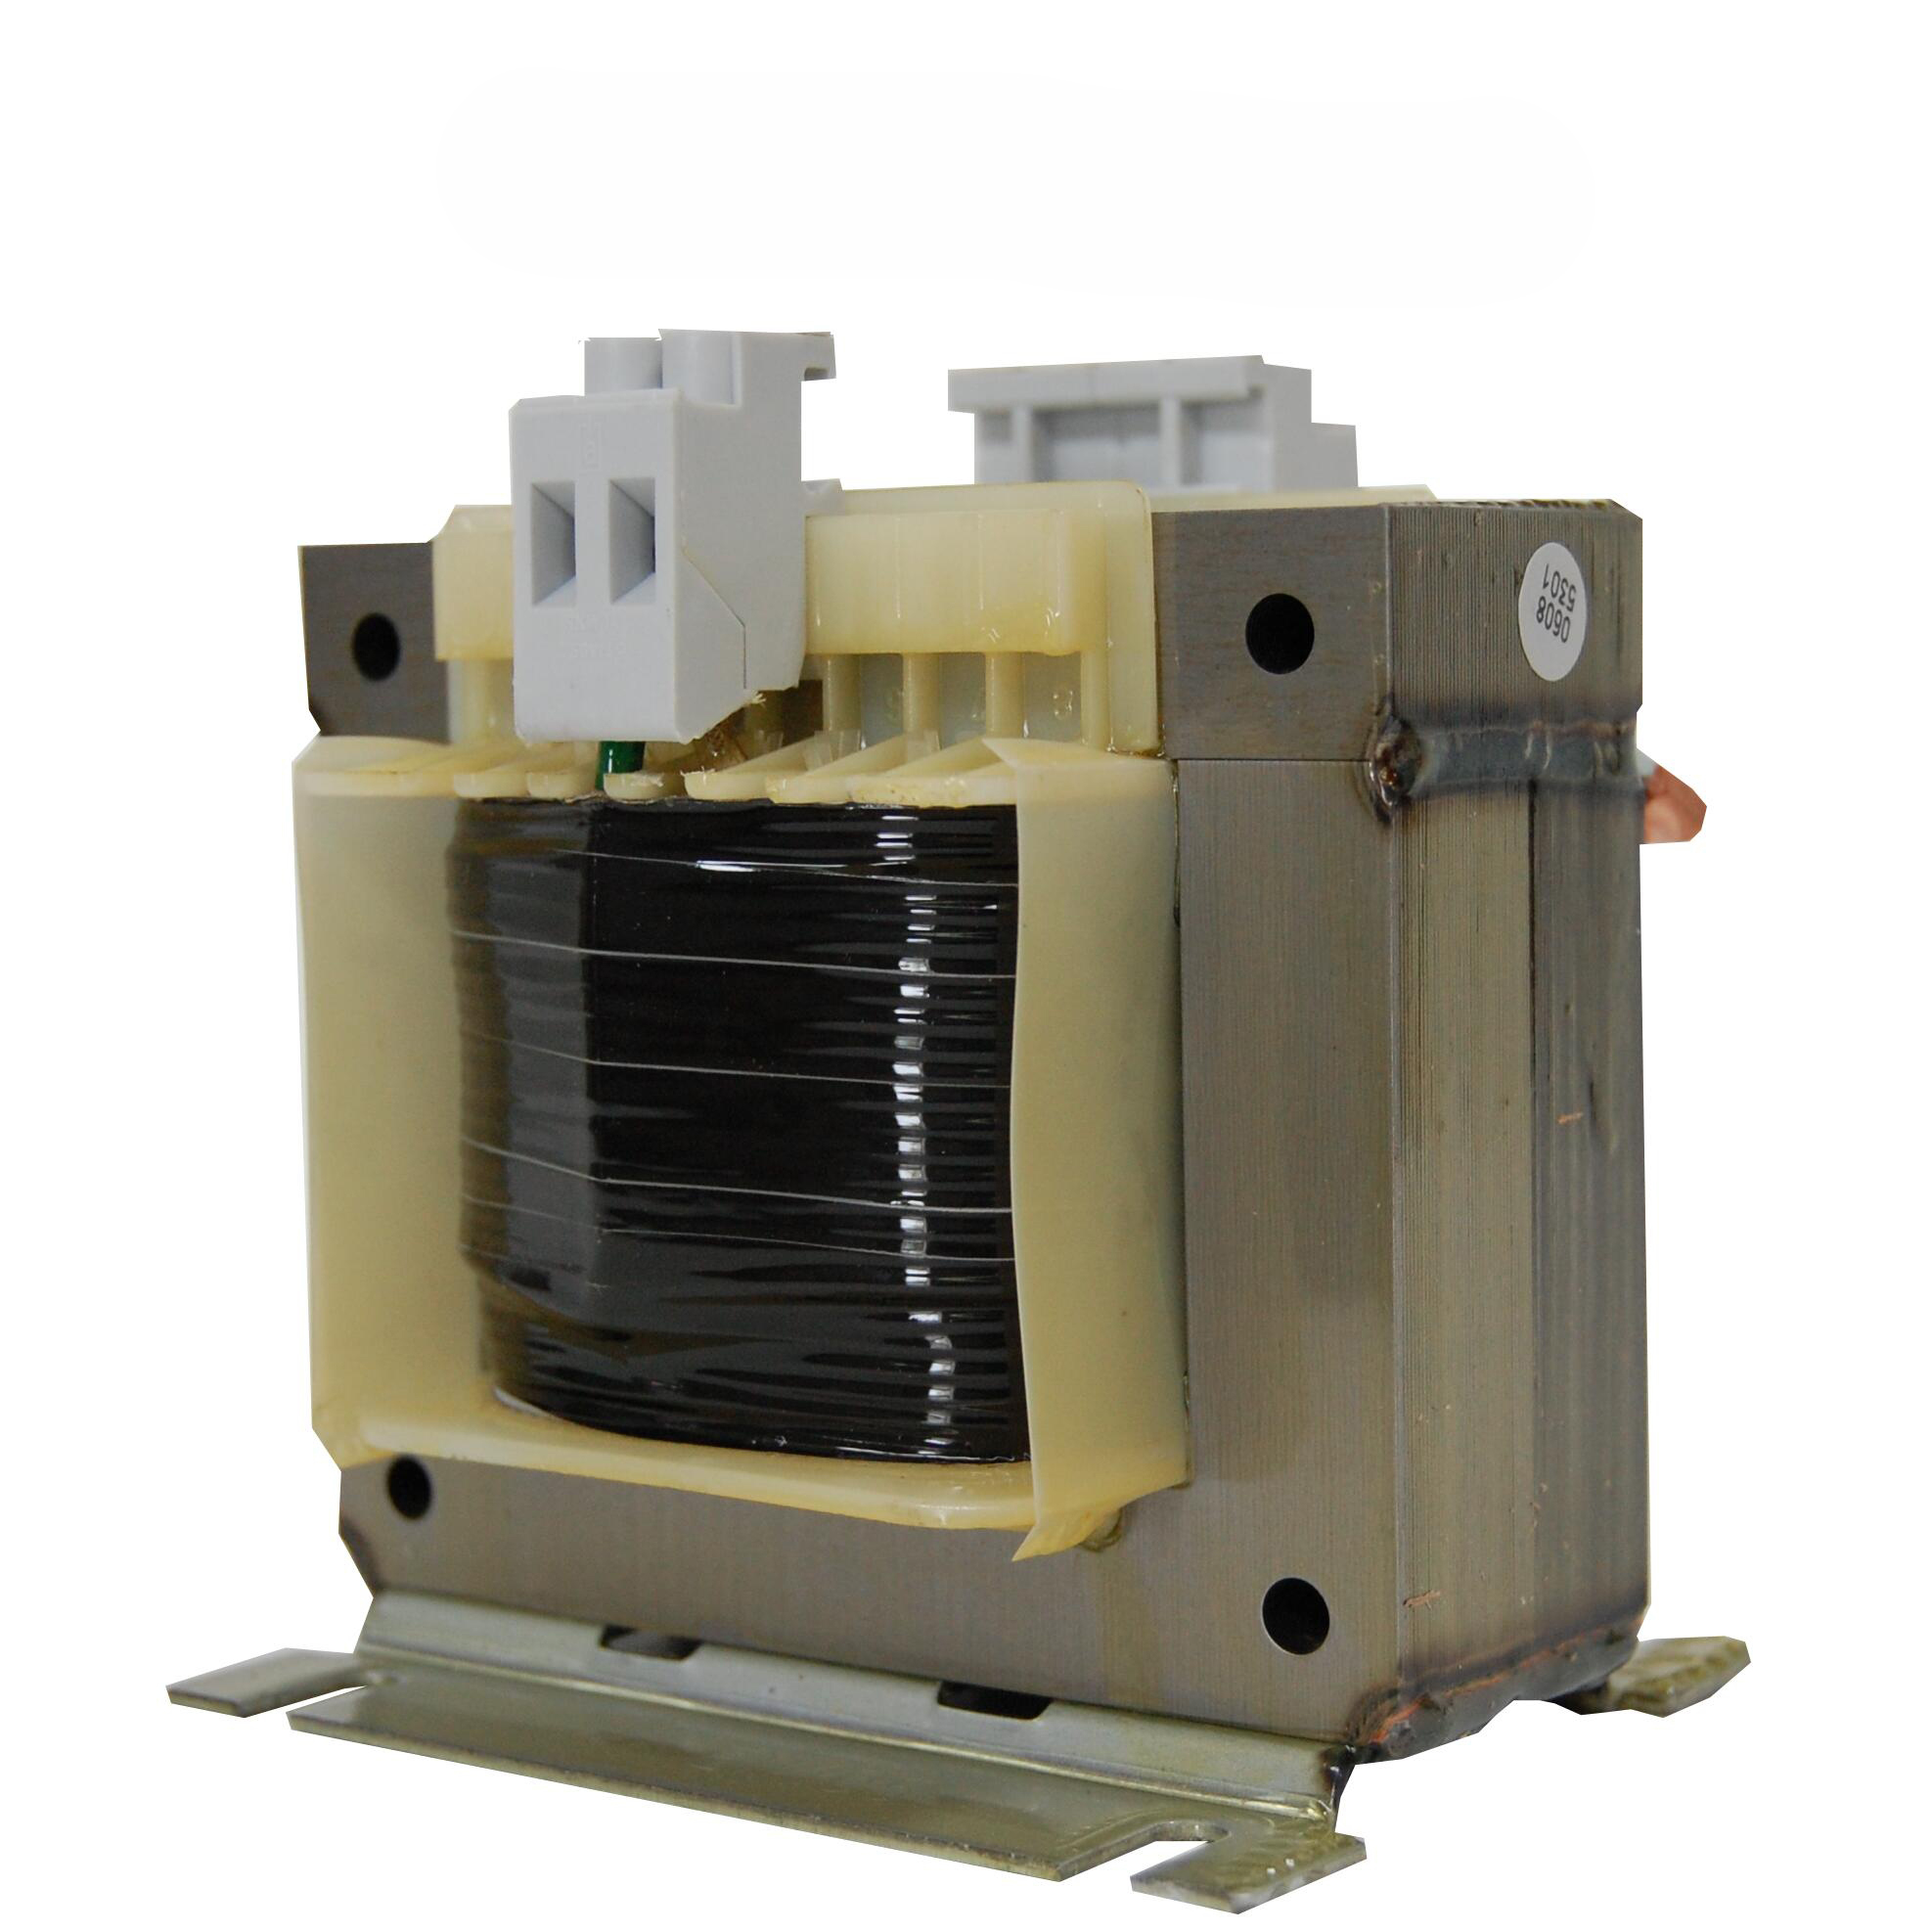 1 Stk Einphasen Steuertransformator 400/230V, 1600VA, IP00 LP604160T-